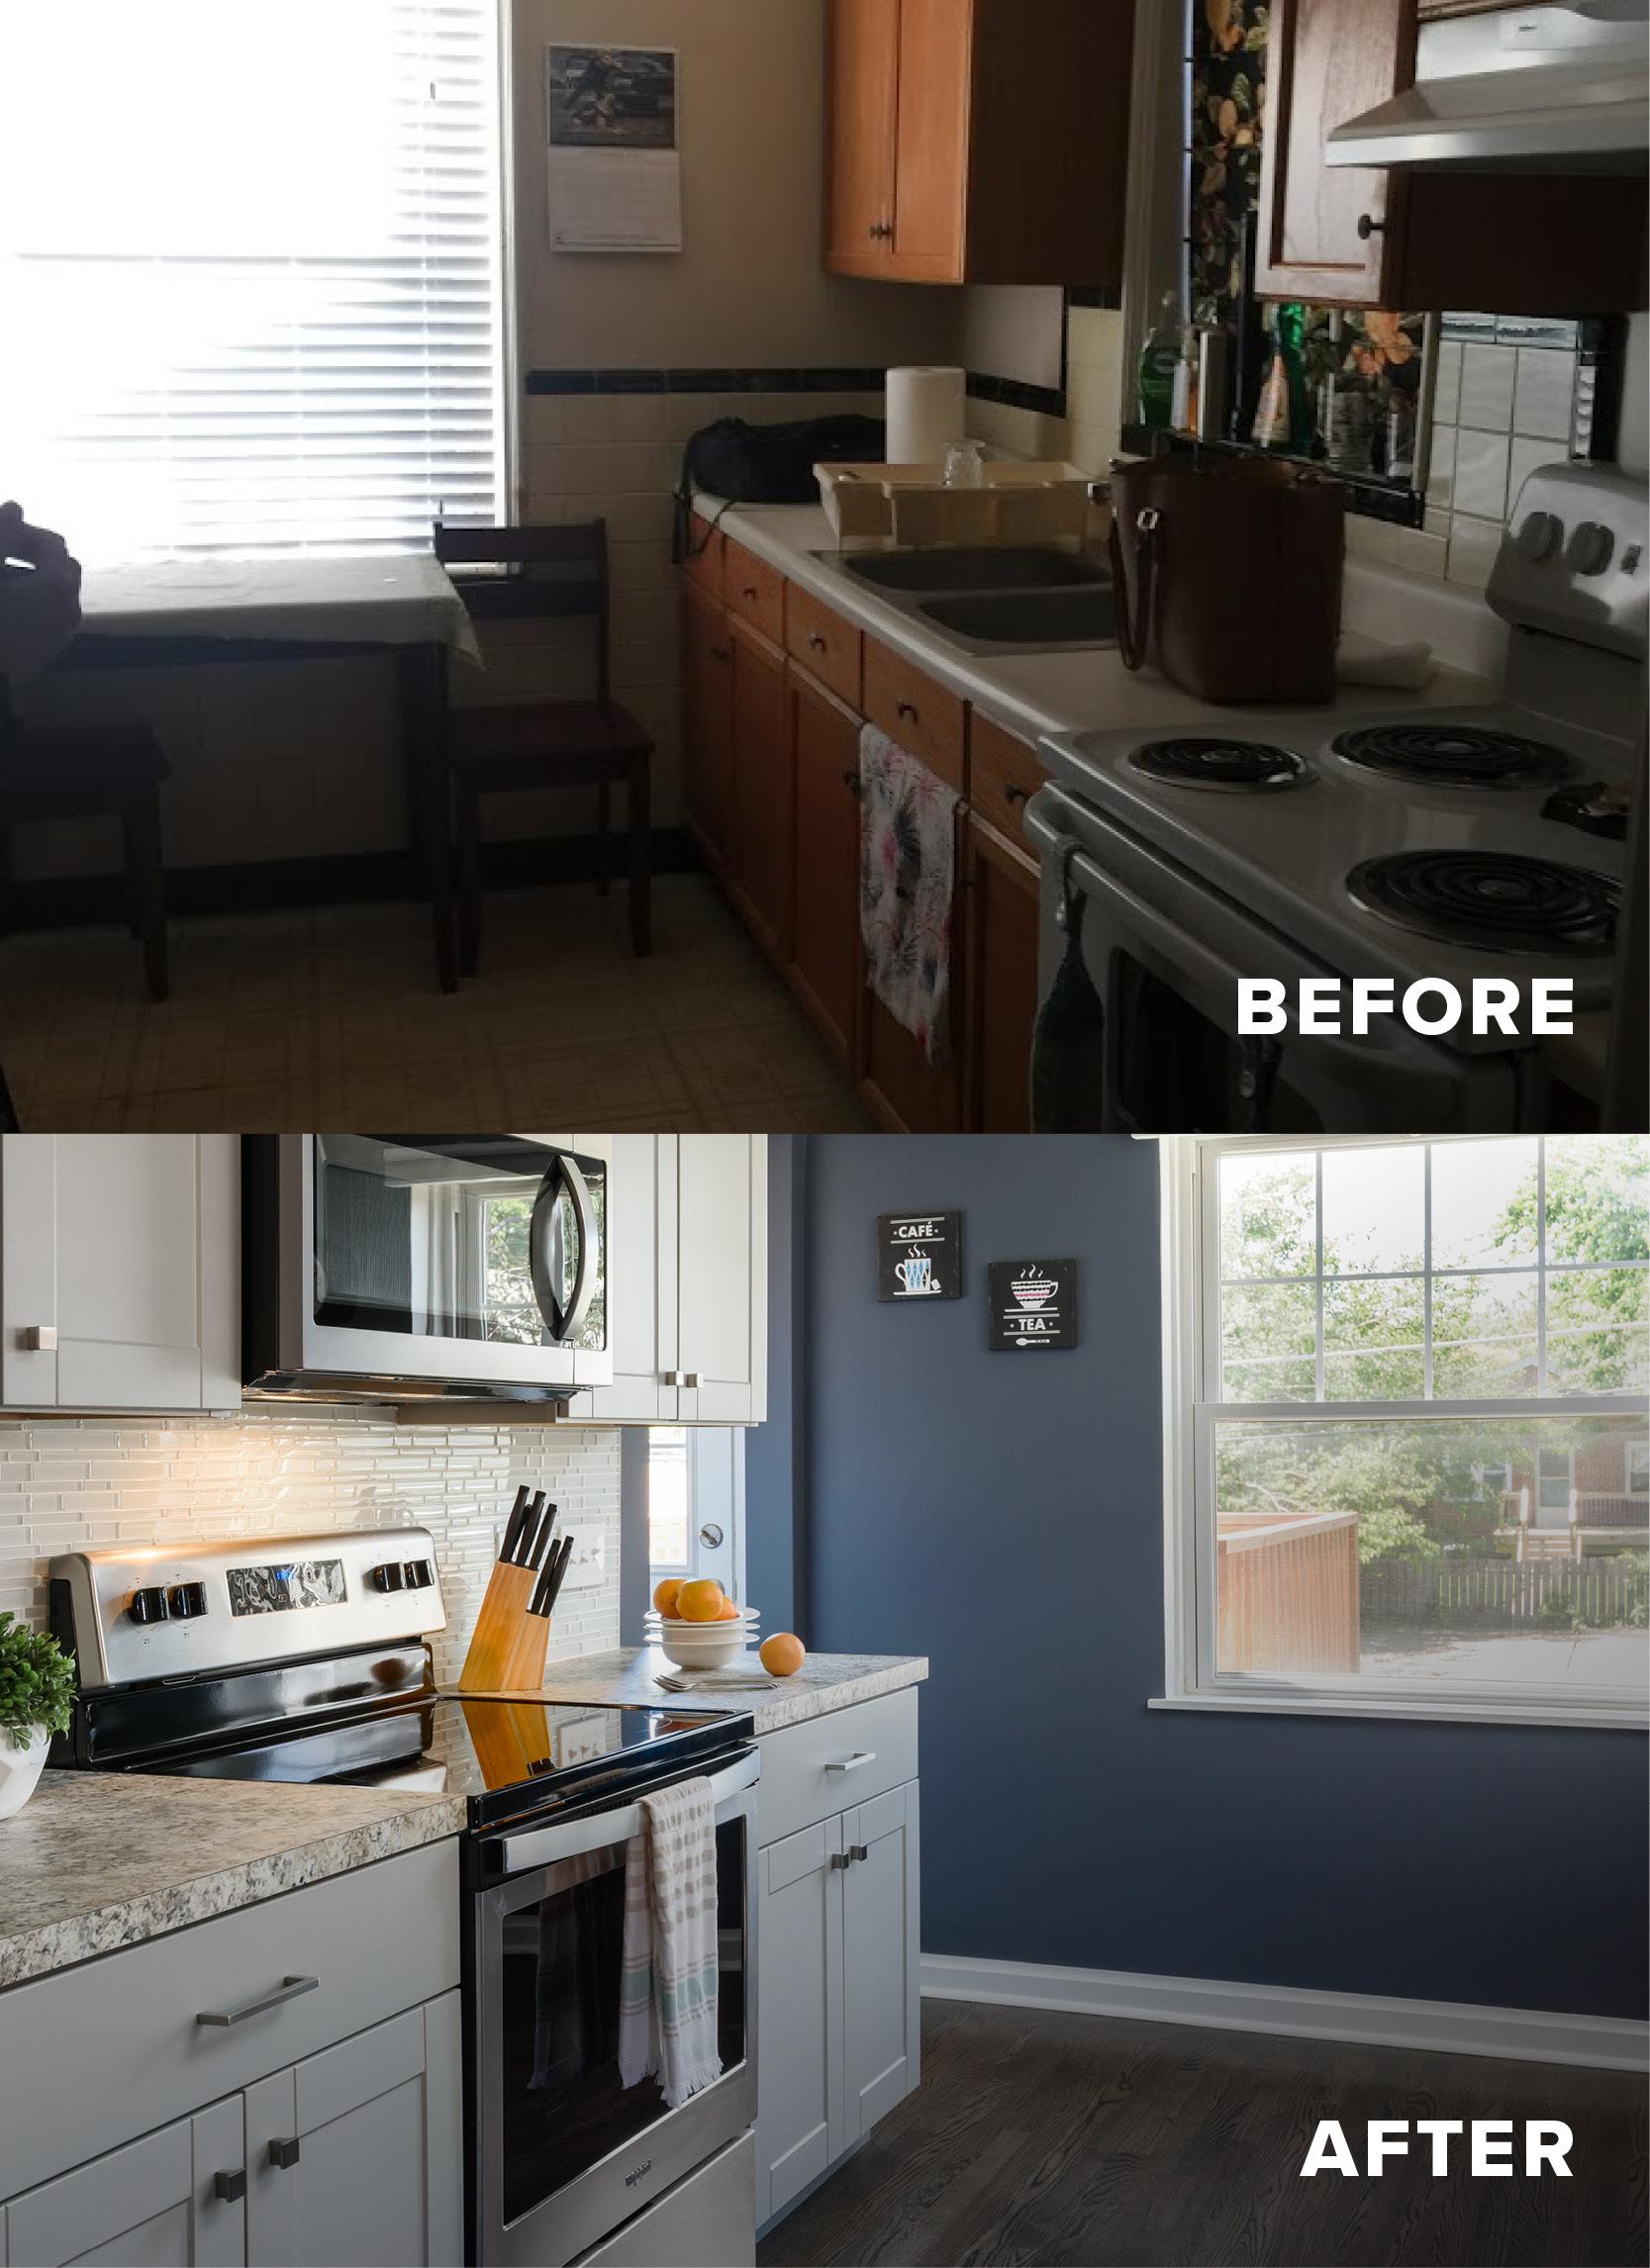 LU-Before:After.jpg